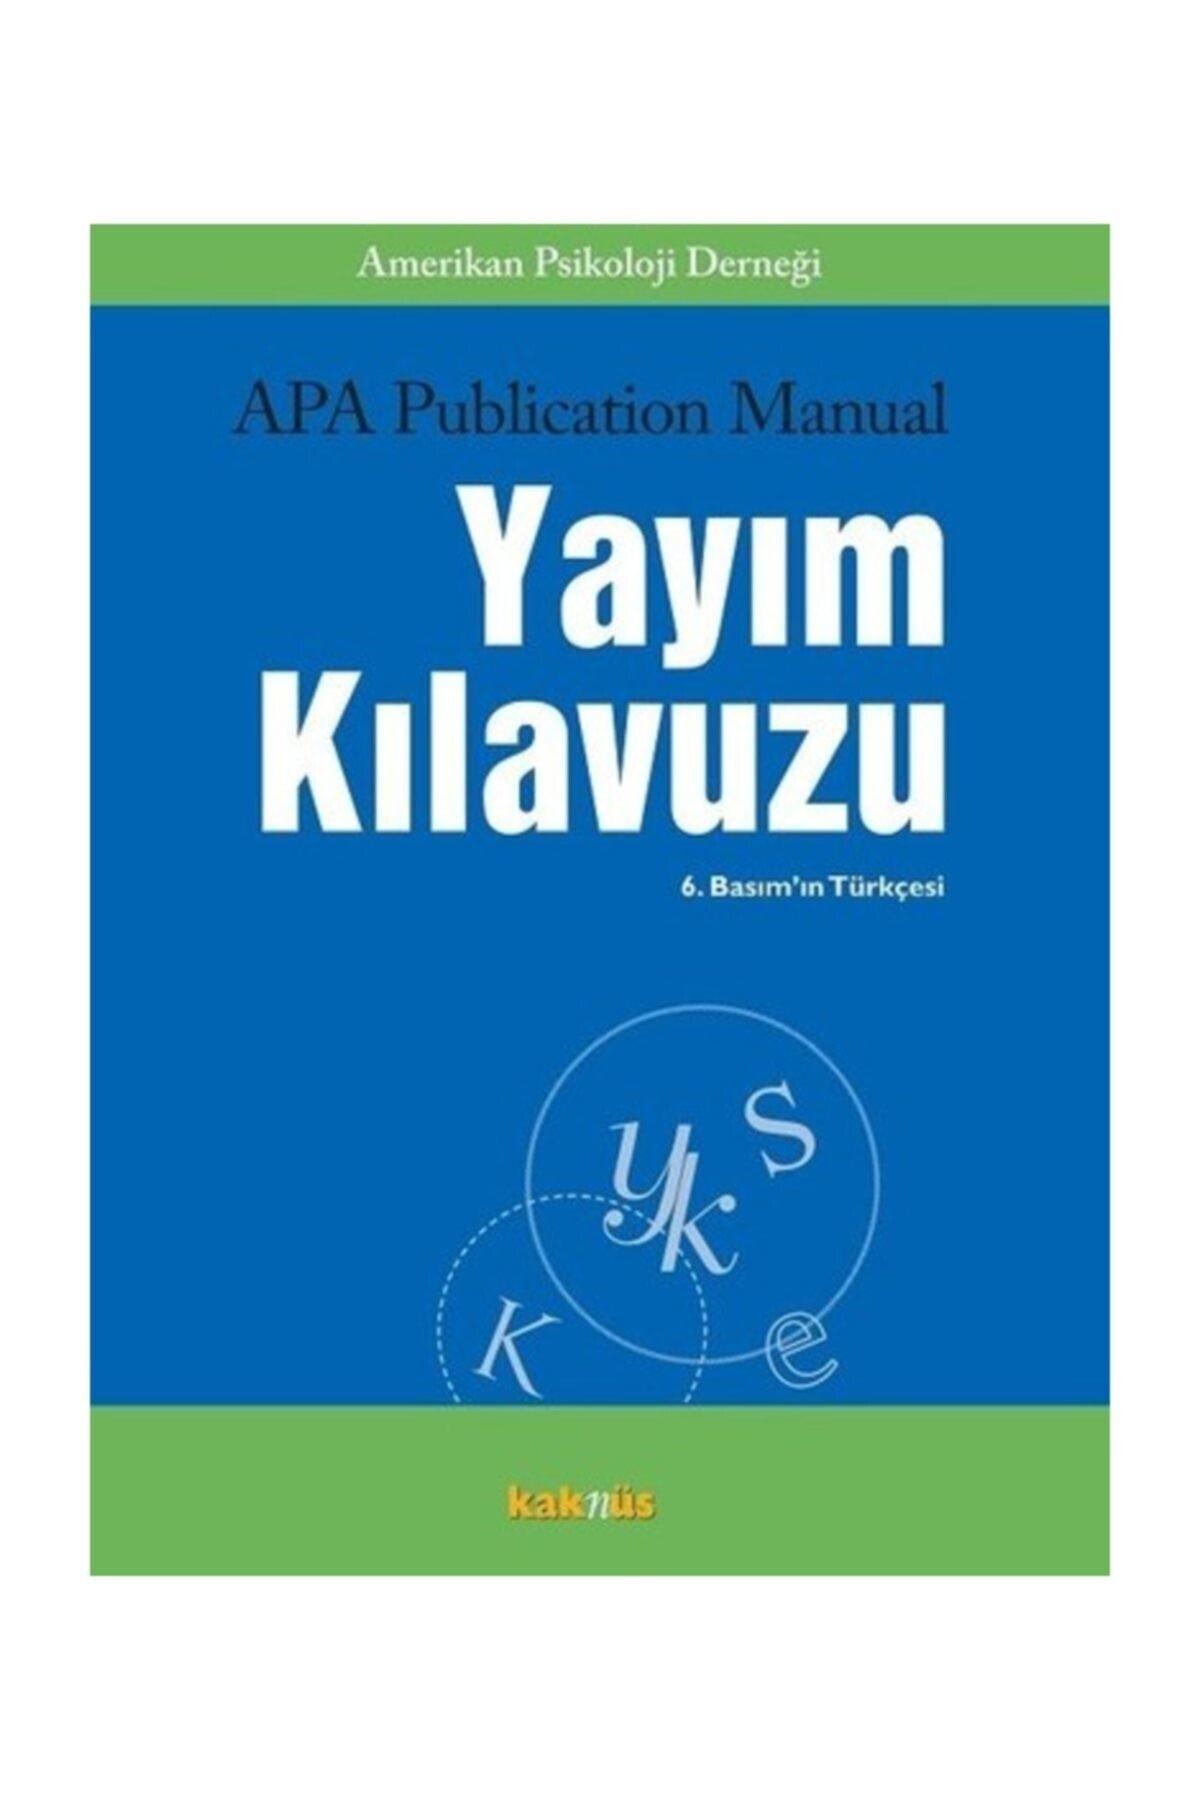 Kaknüs Yayınları APA Publication Manual Yayım Kılavuzu Kolektif 1